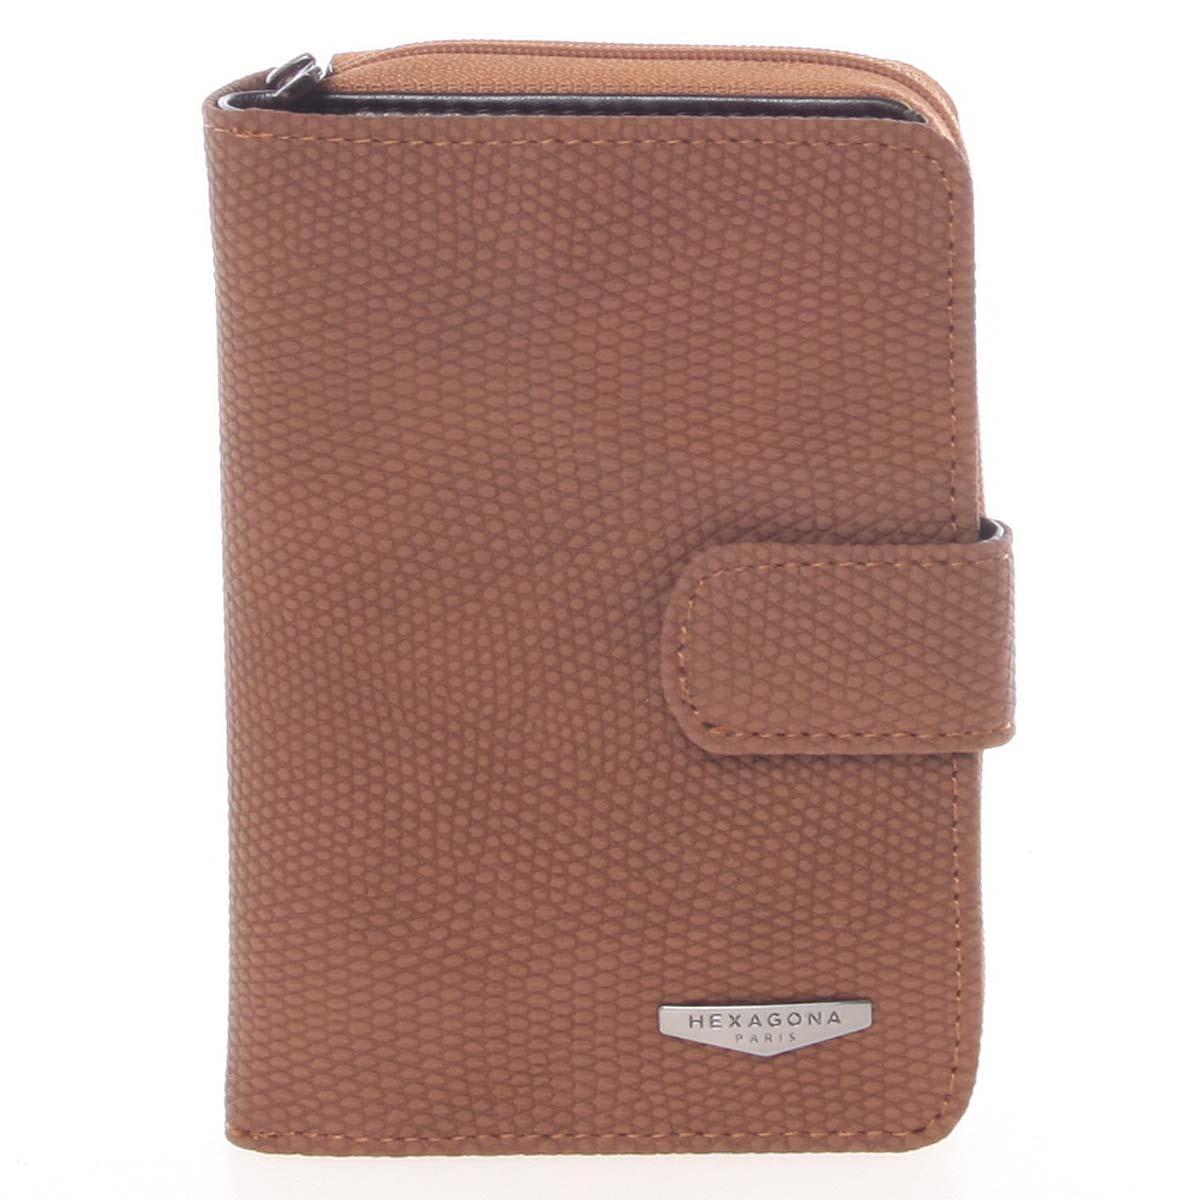 Originální dámská dvoudílná hnědá peněženka - HEXAGONA Reezzi hnědá